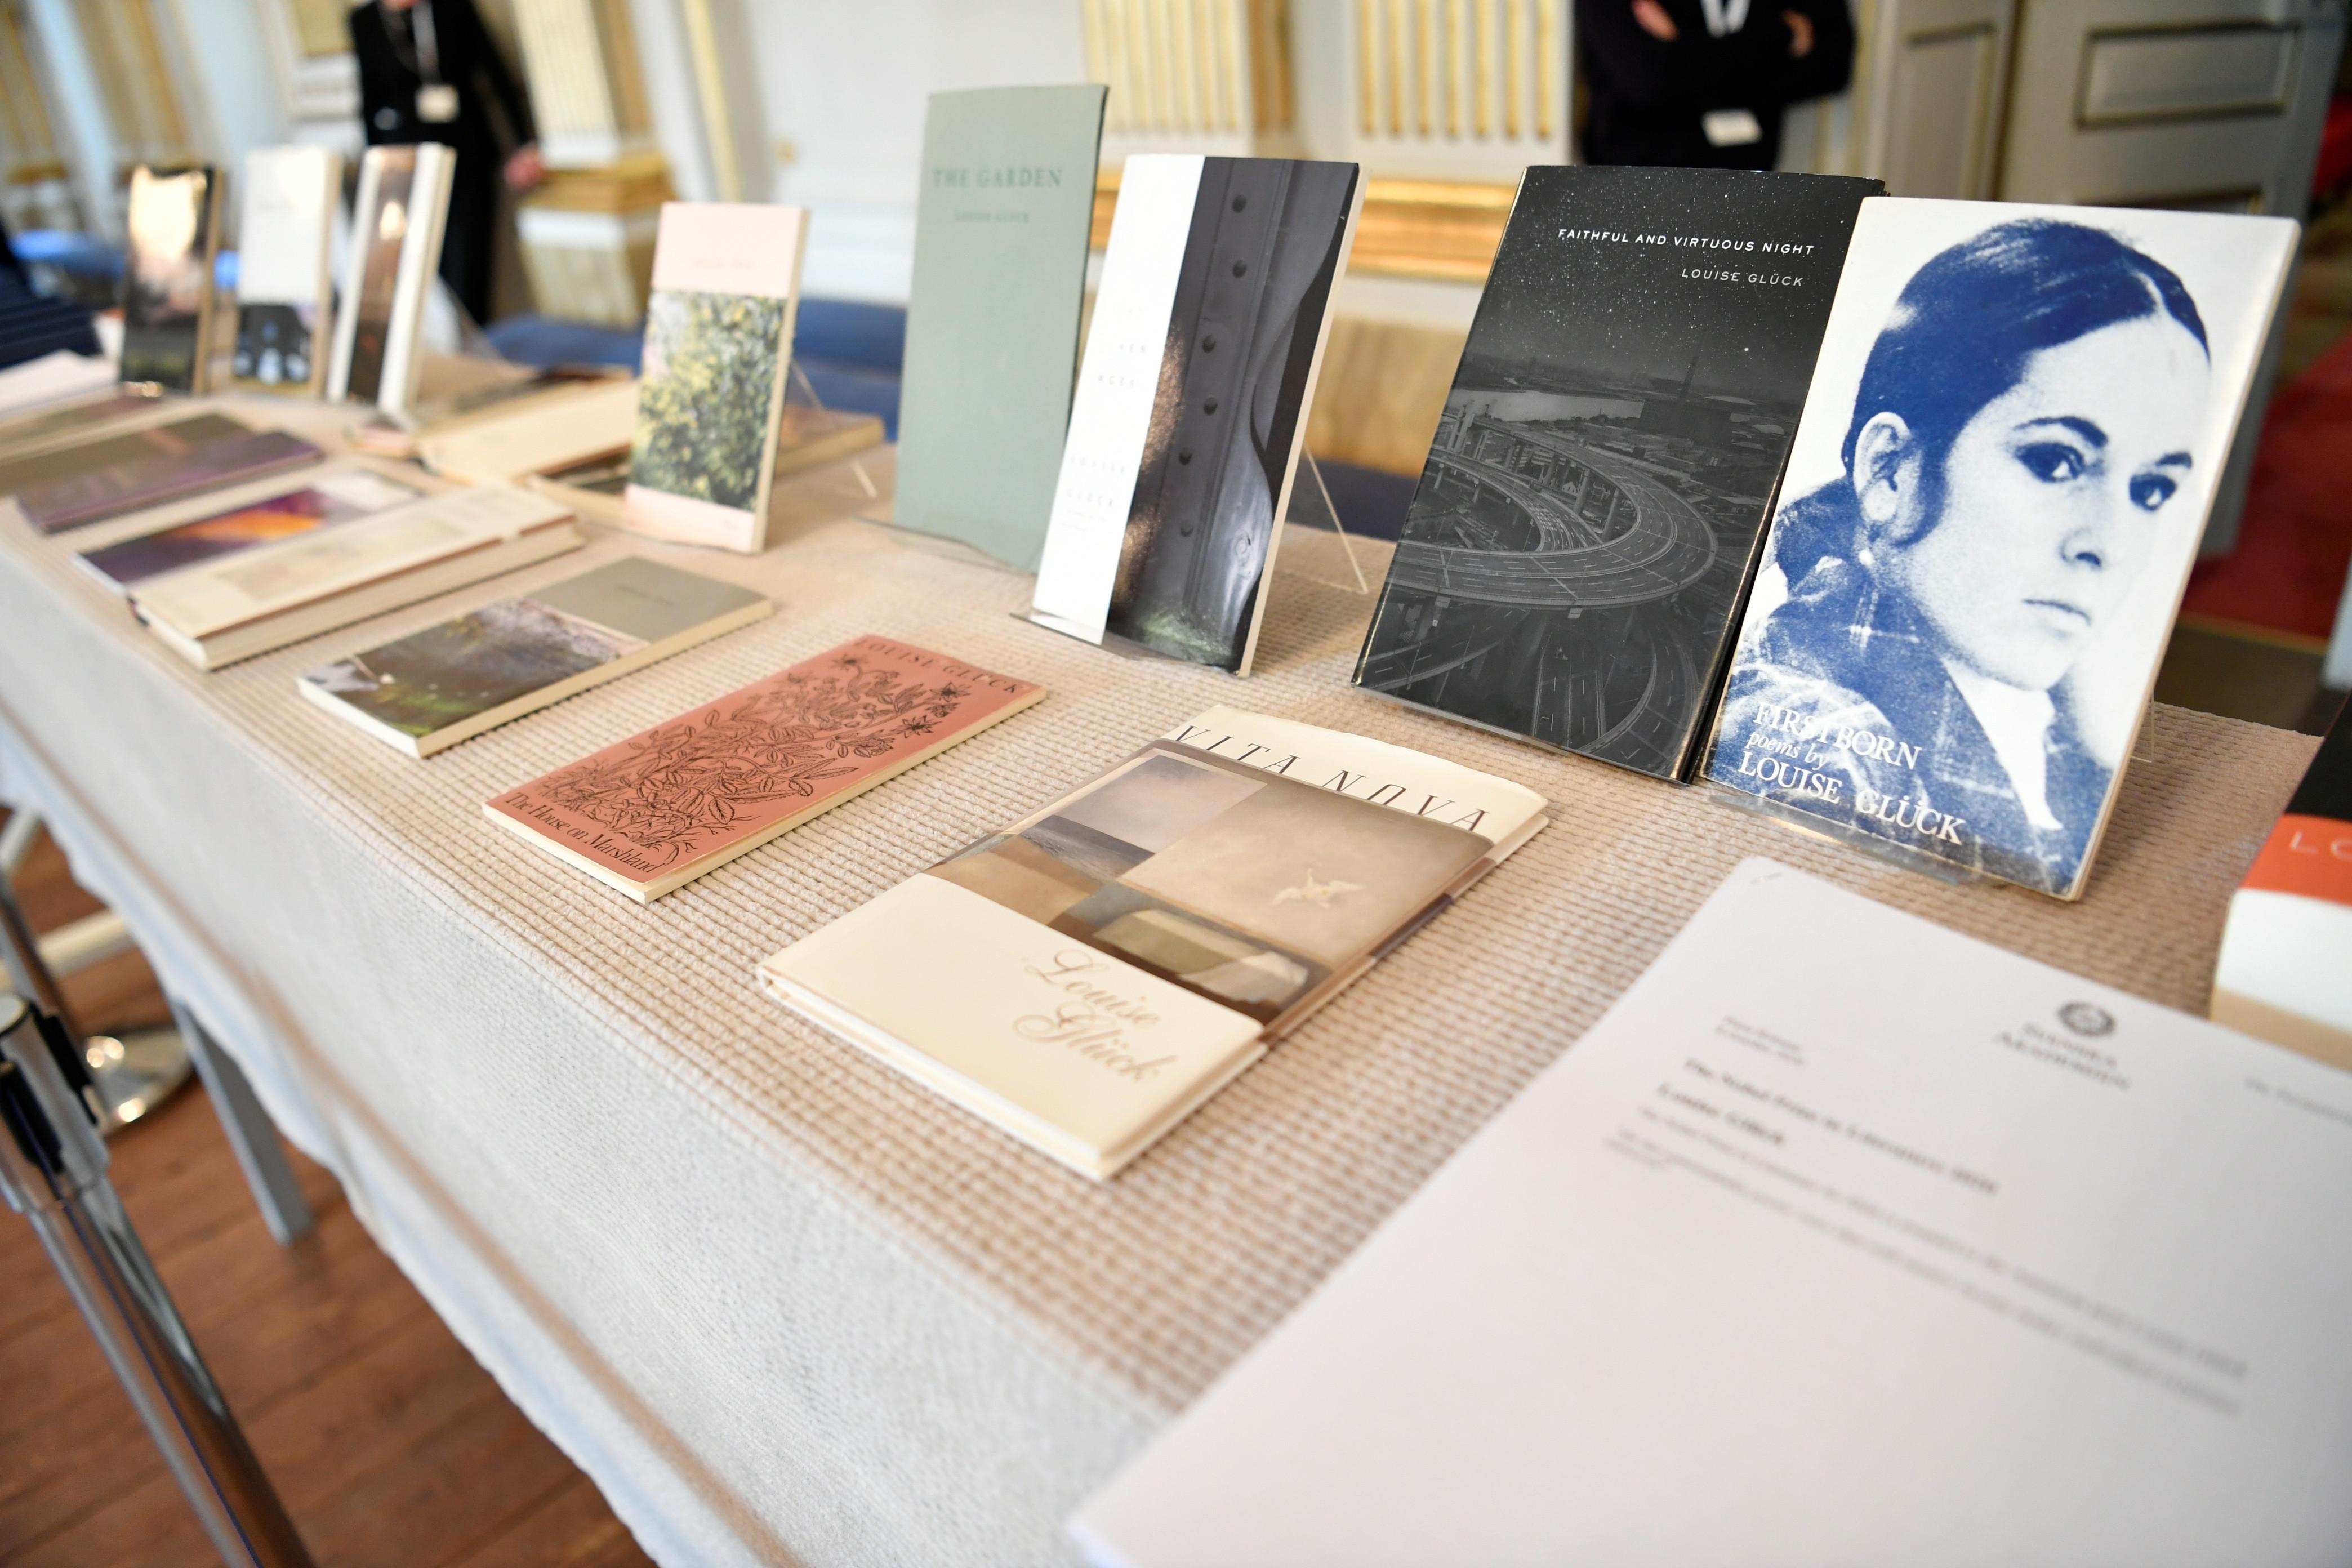 Una selección de libros escritos por la poetisa americana Louise Gluck.